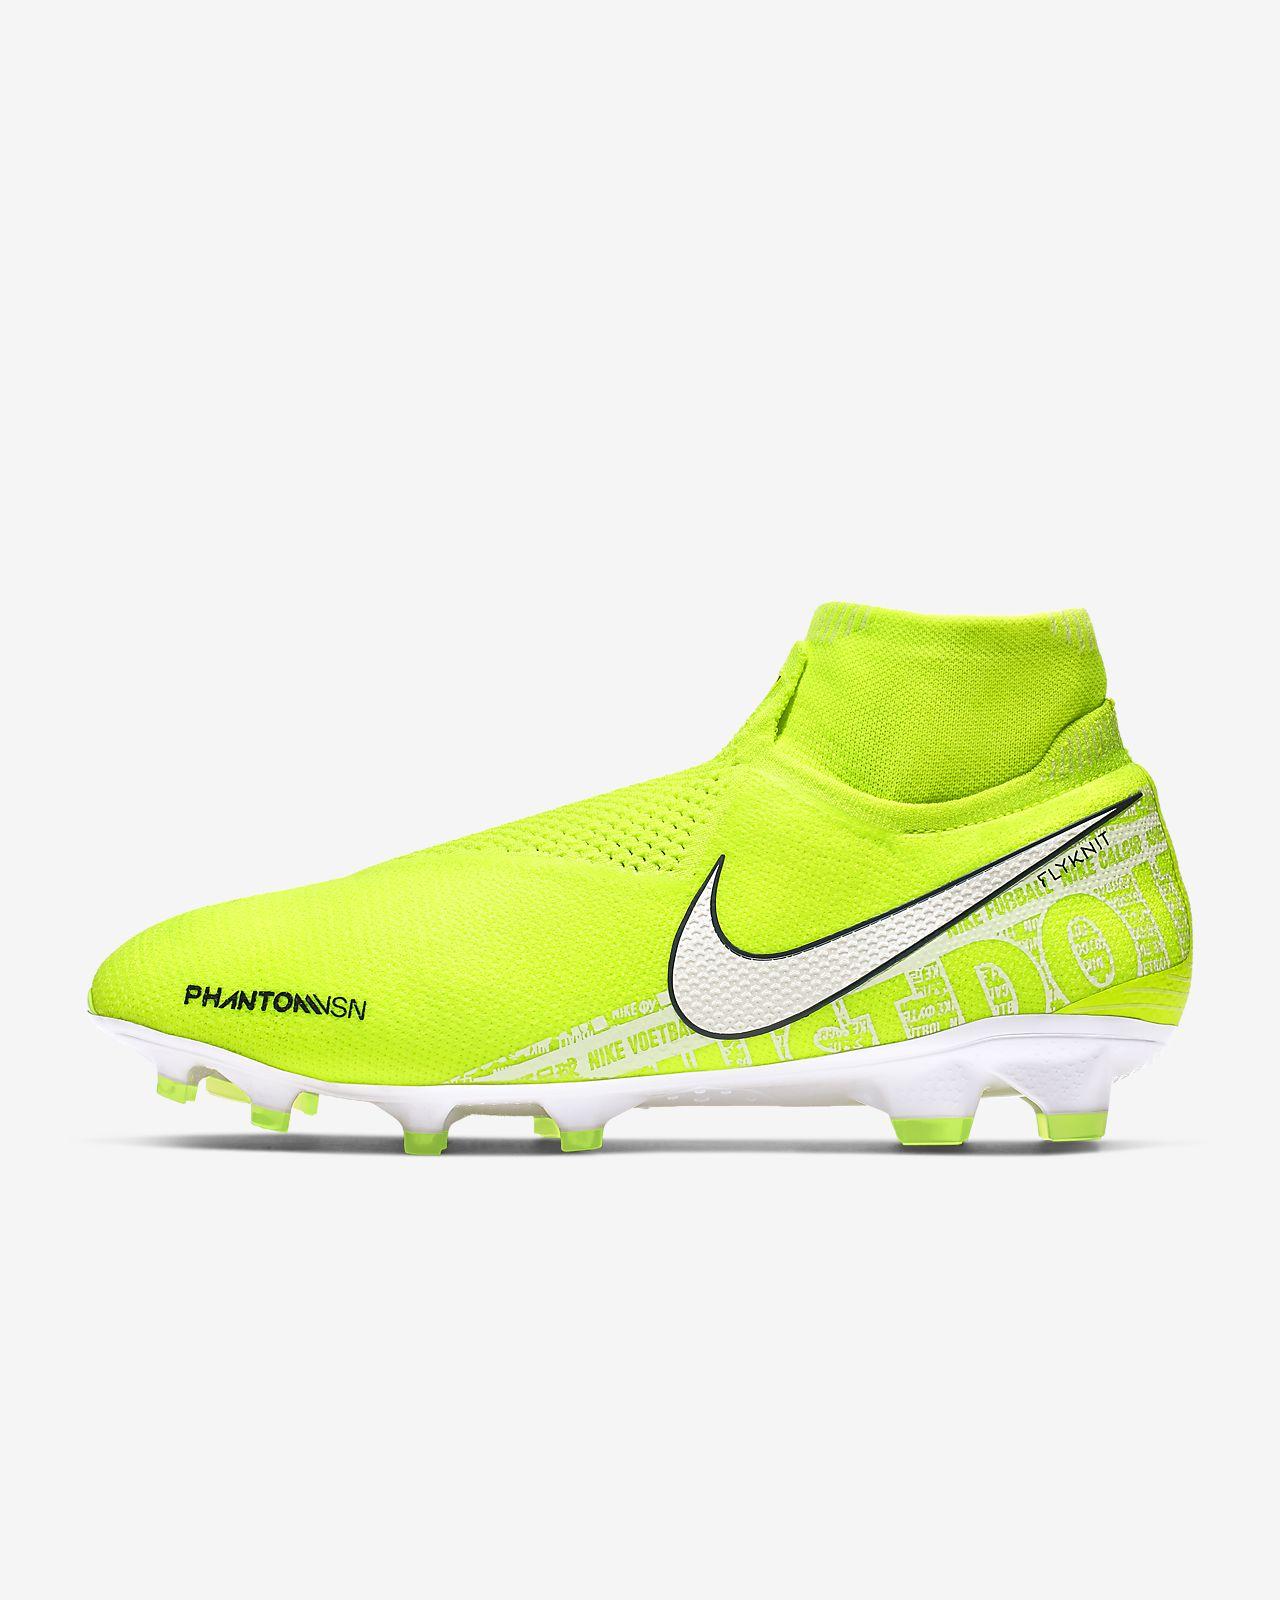 Nike Phantom Vision Elite FG By You